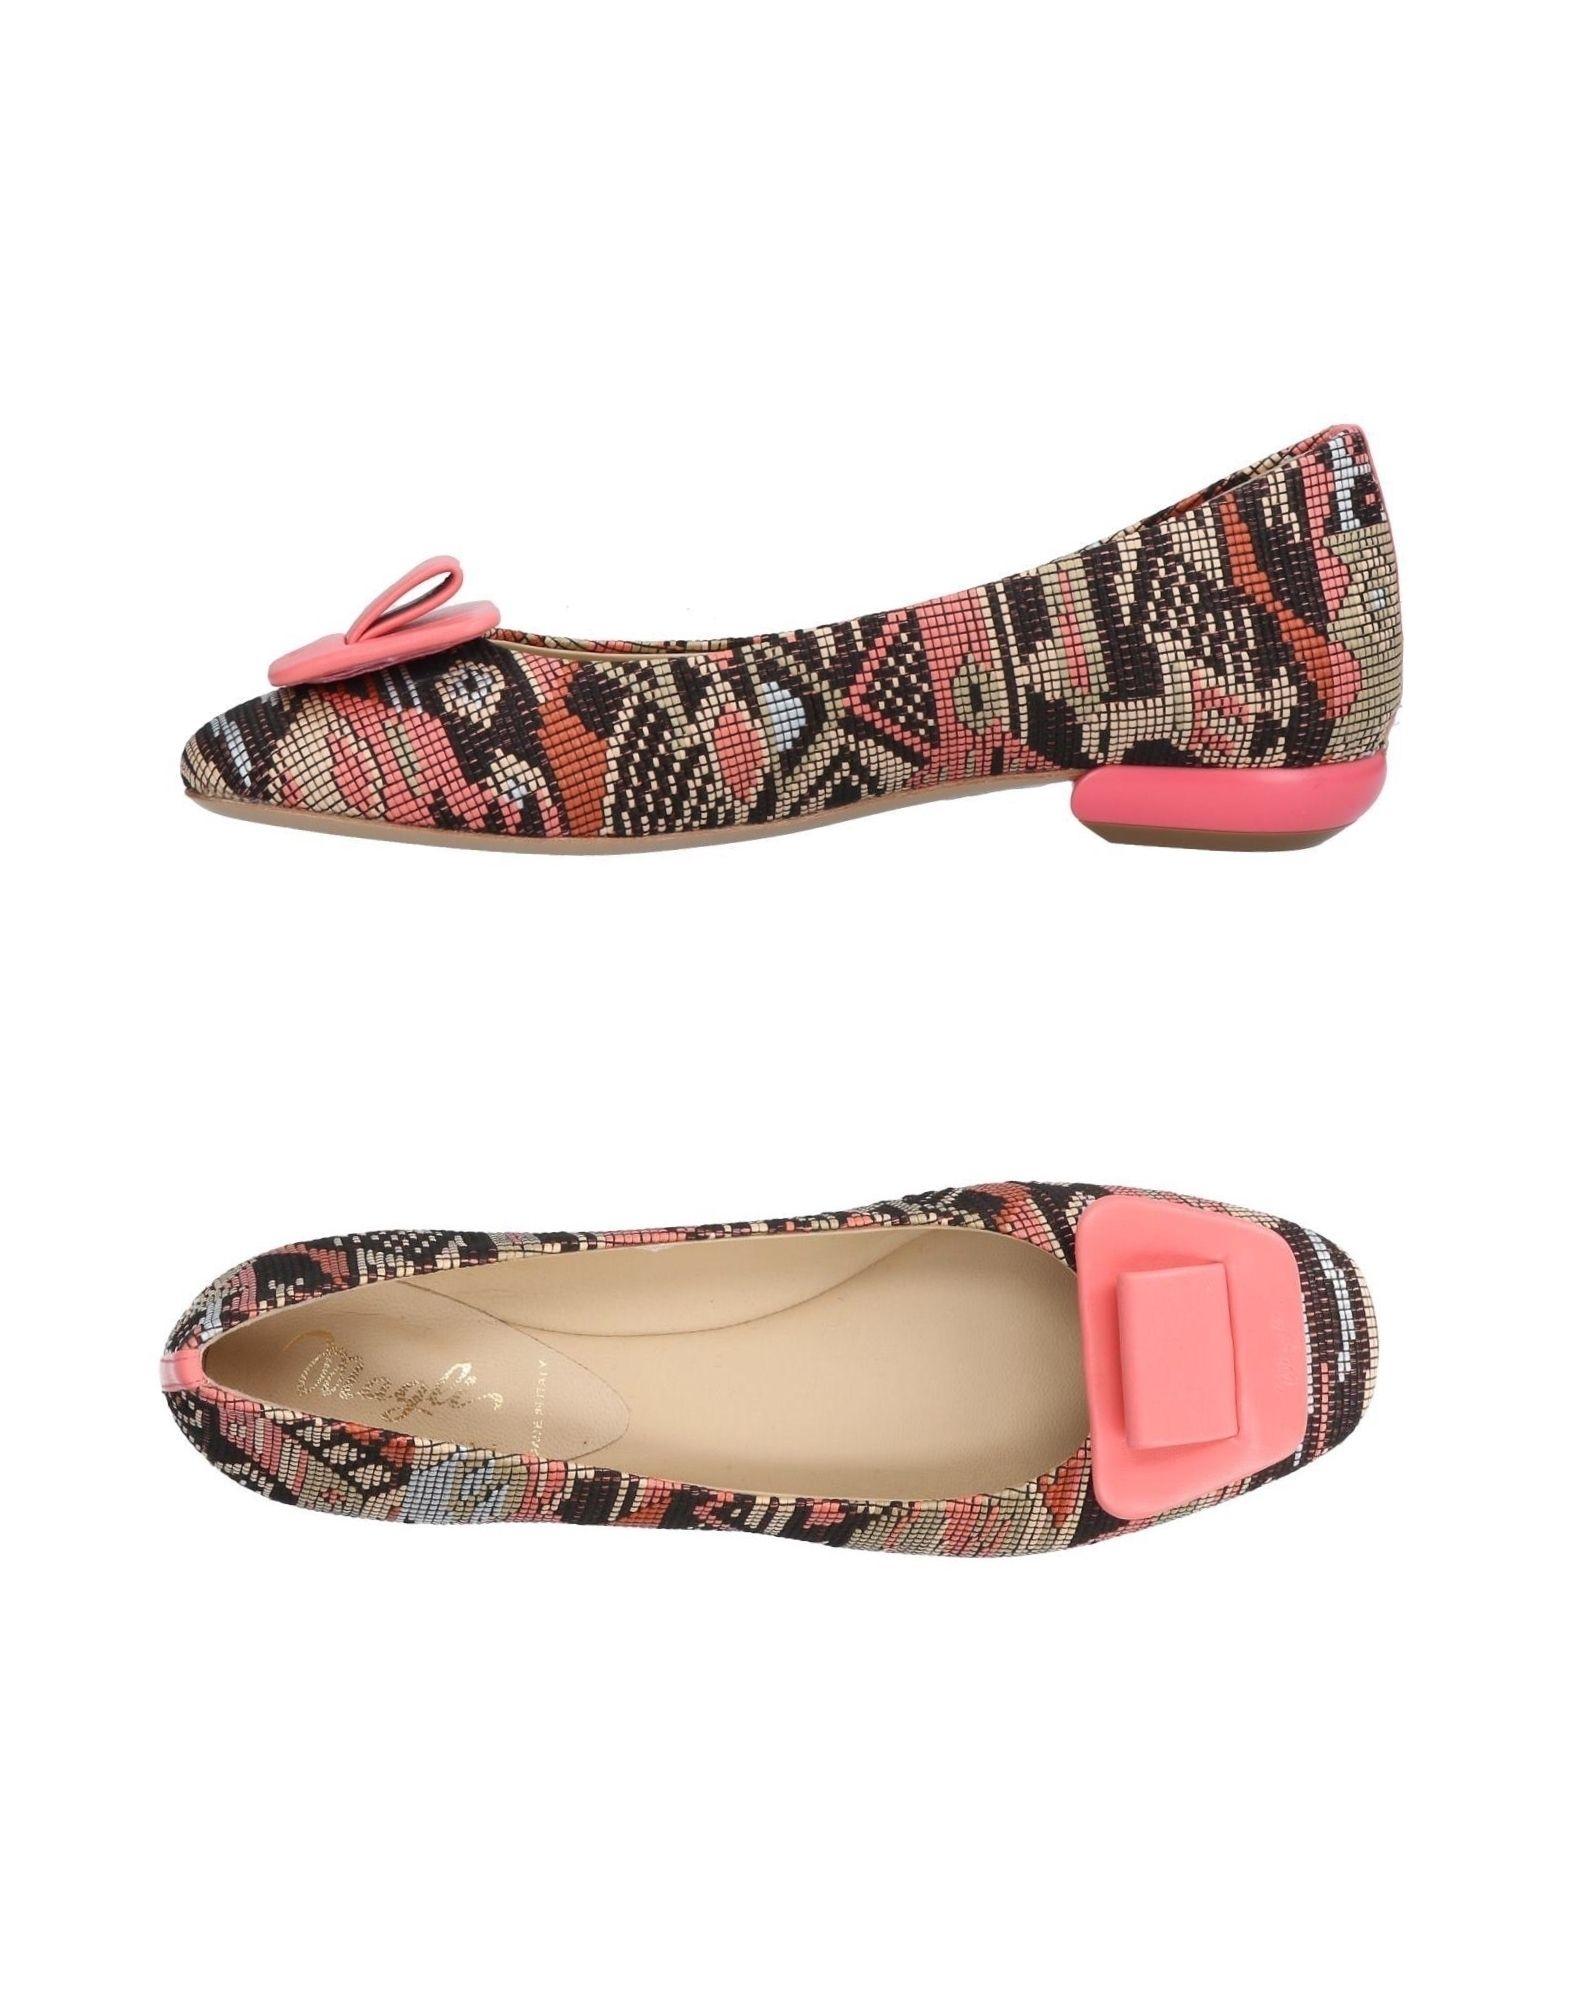 Magli By Bruno Magli Ballerinas Damen  11430470MD Gute Qualität beliebte Schuhe